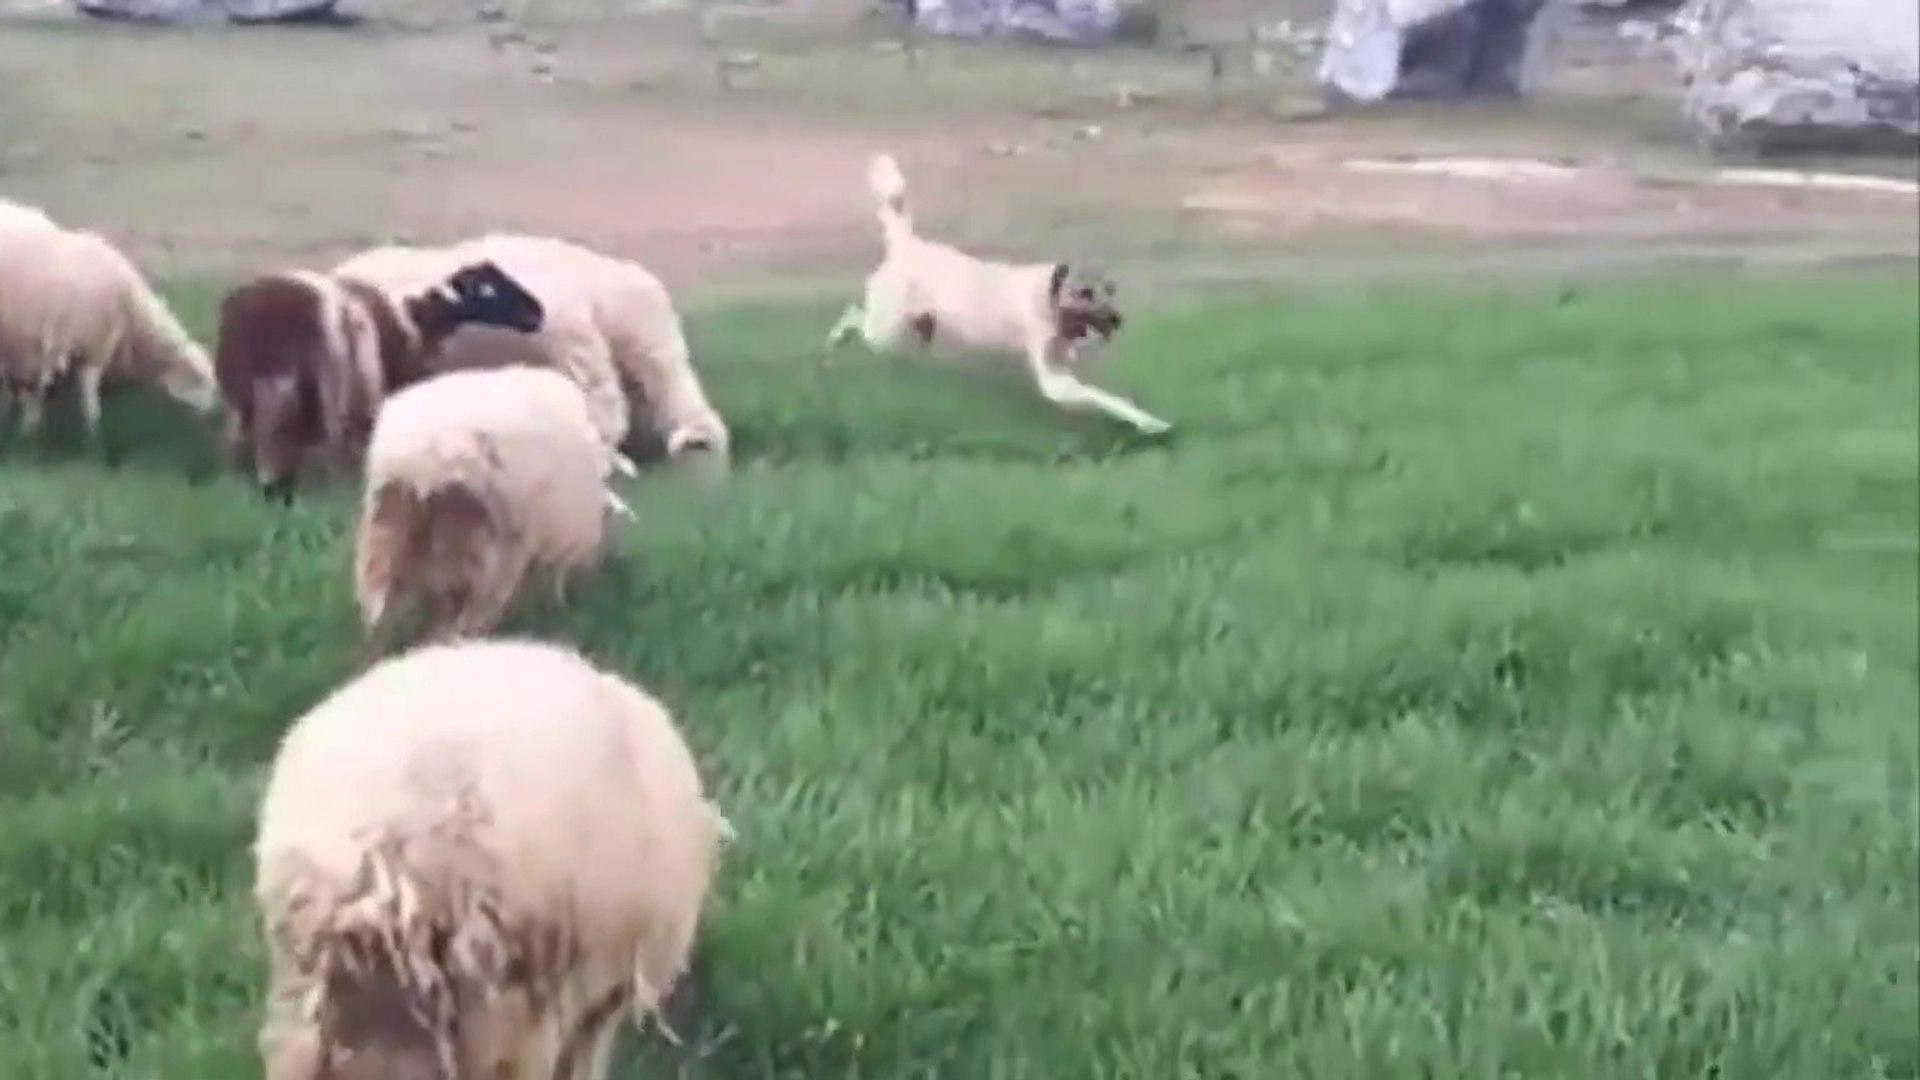 KANGAL KOPEKLERi ve KOYUN SURULERi - KANGAL SHEPHERD DOGS and SHEEPS